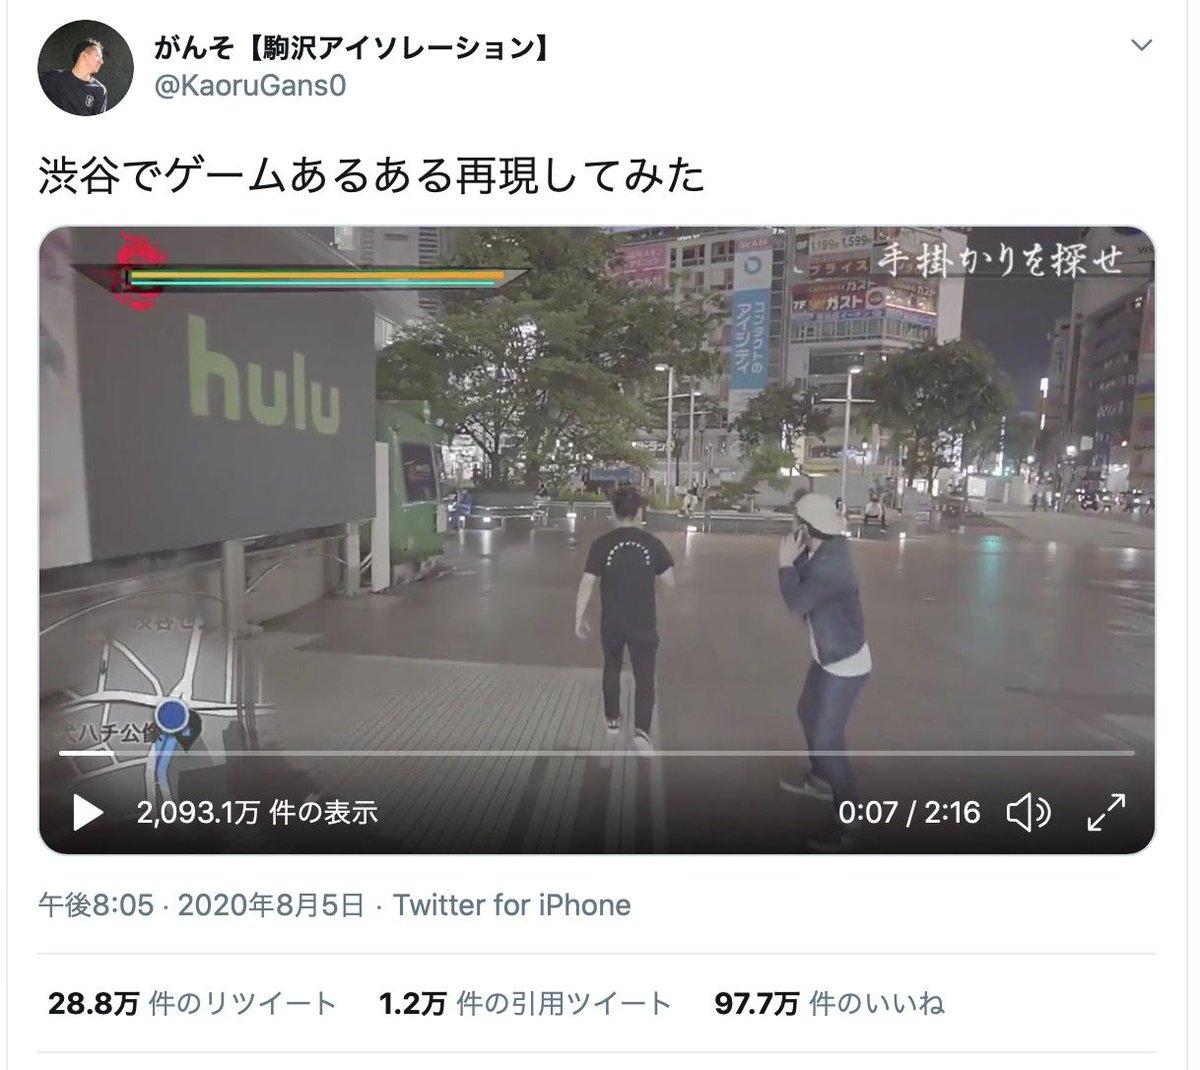 「クオリティが異常」「途中まで本当にゲームかと思ってた」  世界中のゲーマーが絶賛!Twitterで驚異の2000万再生「渋谷でゲームあるある再現してみた」の凝りに凝った映像はどう生まれたの?  制作した2人に裏側を聞きました  buzzfeed.com/jp/harunayamaz…